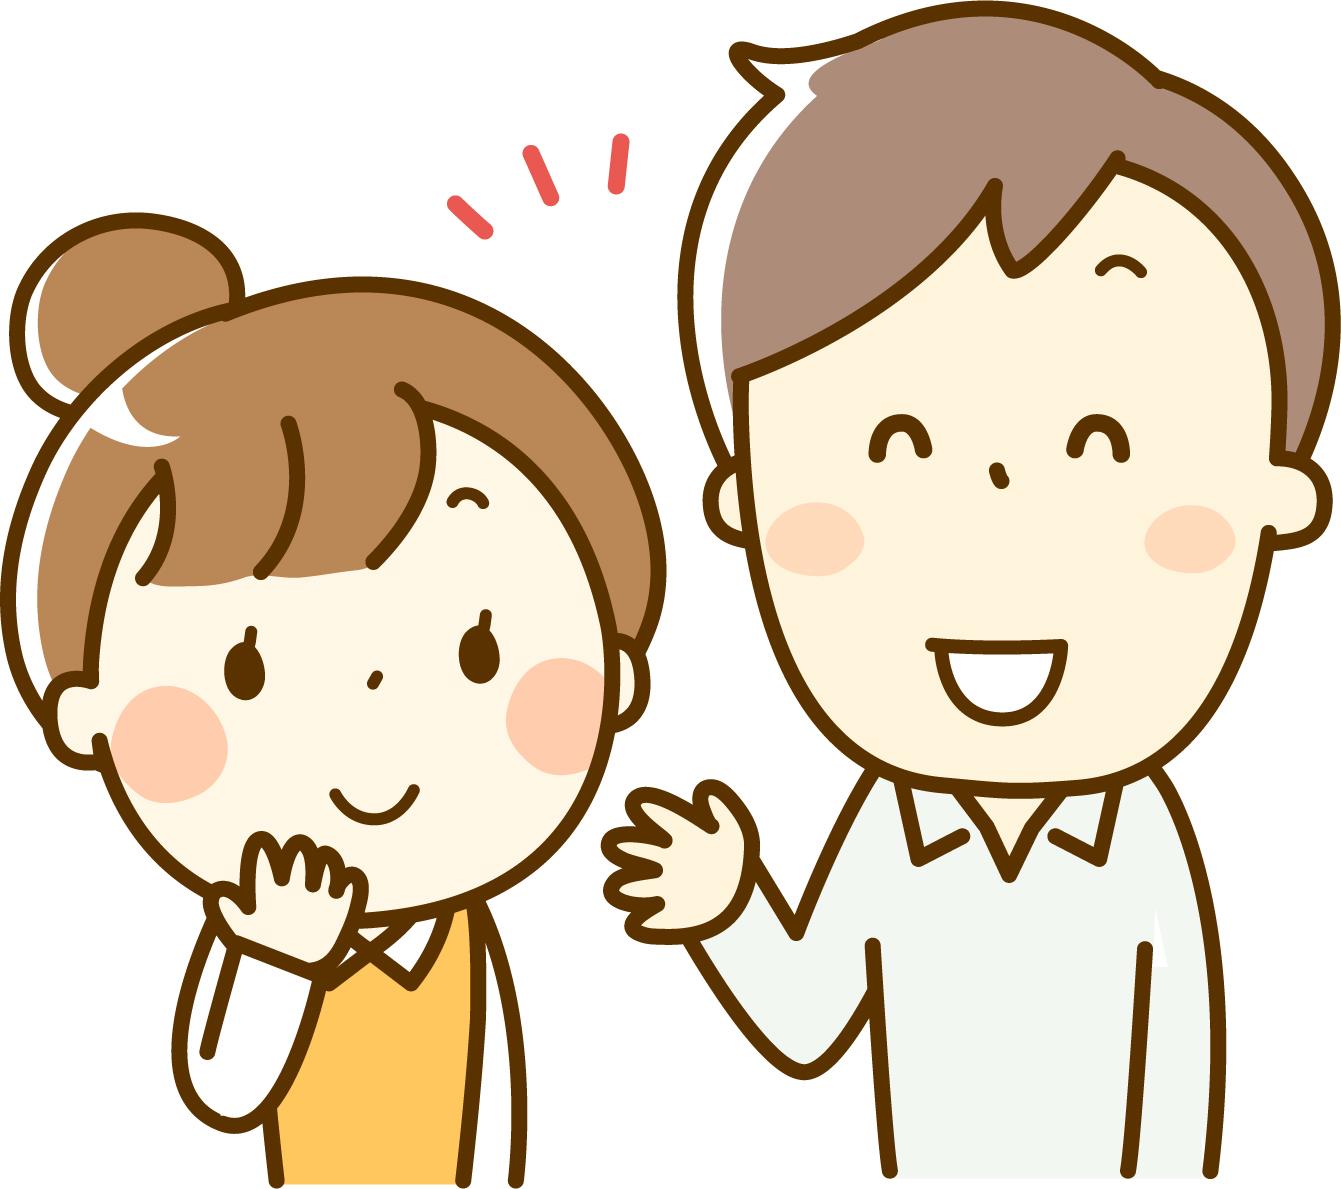 男性と女性のイメージ画像2